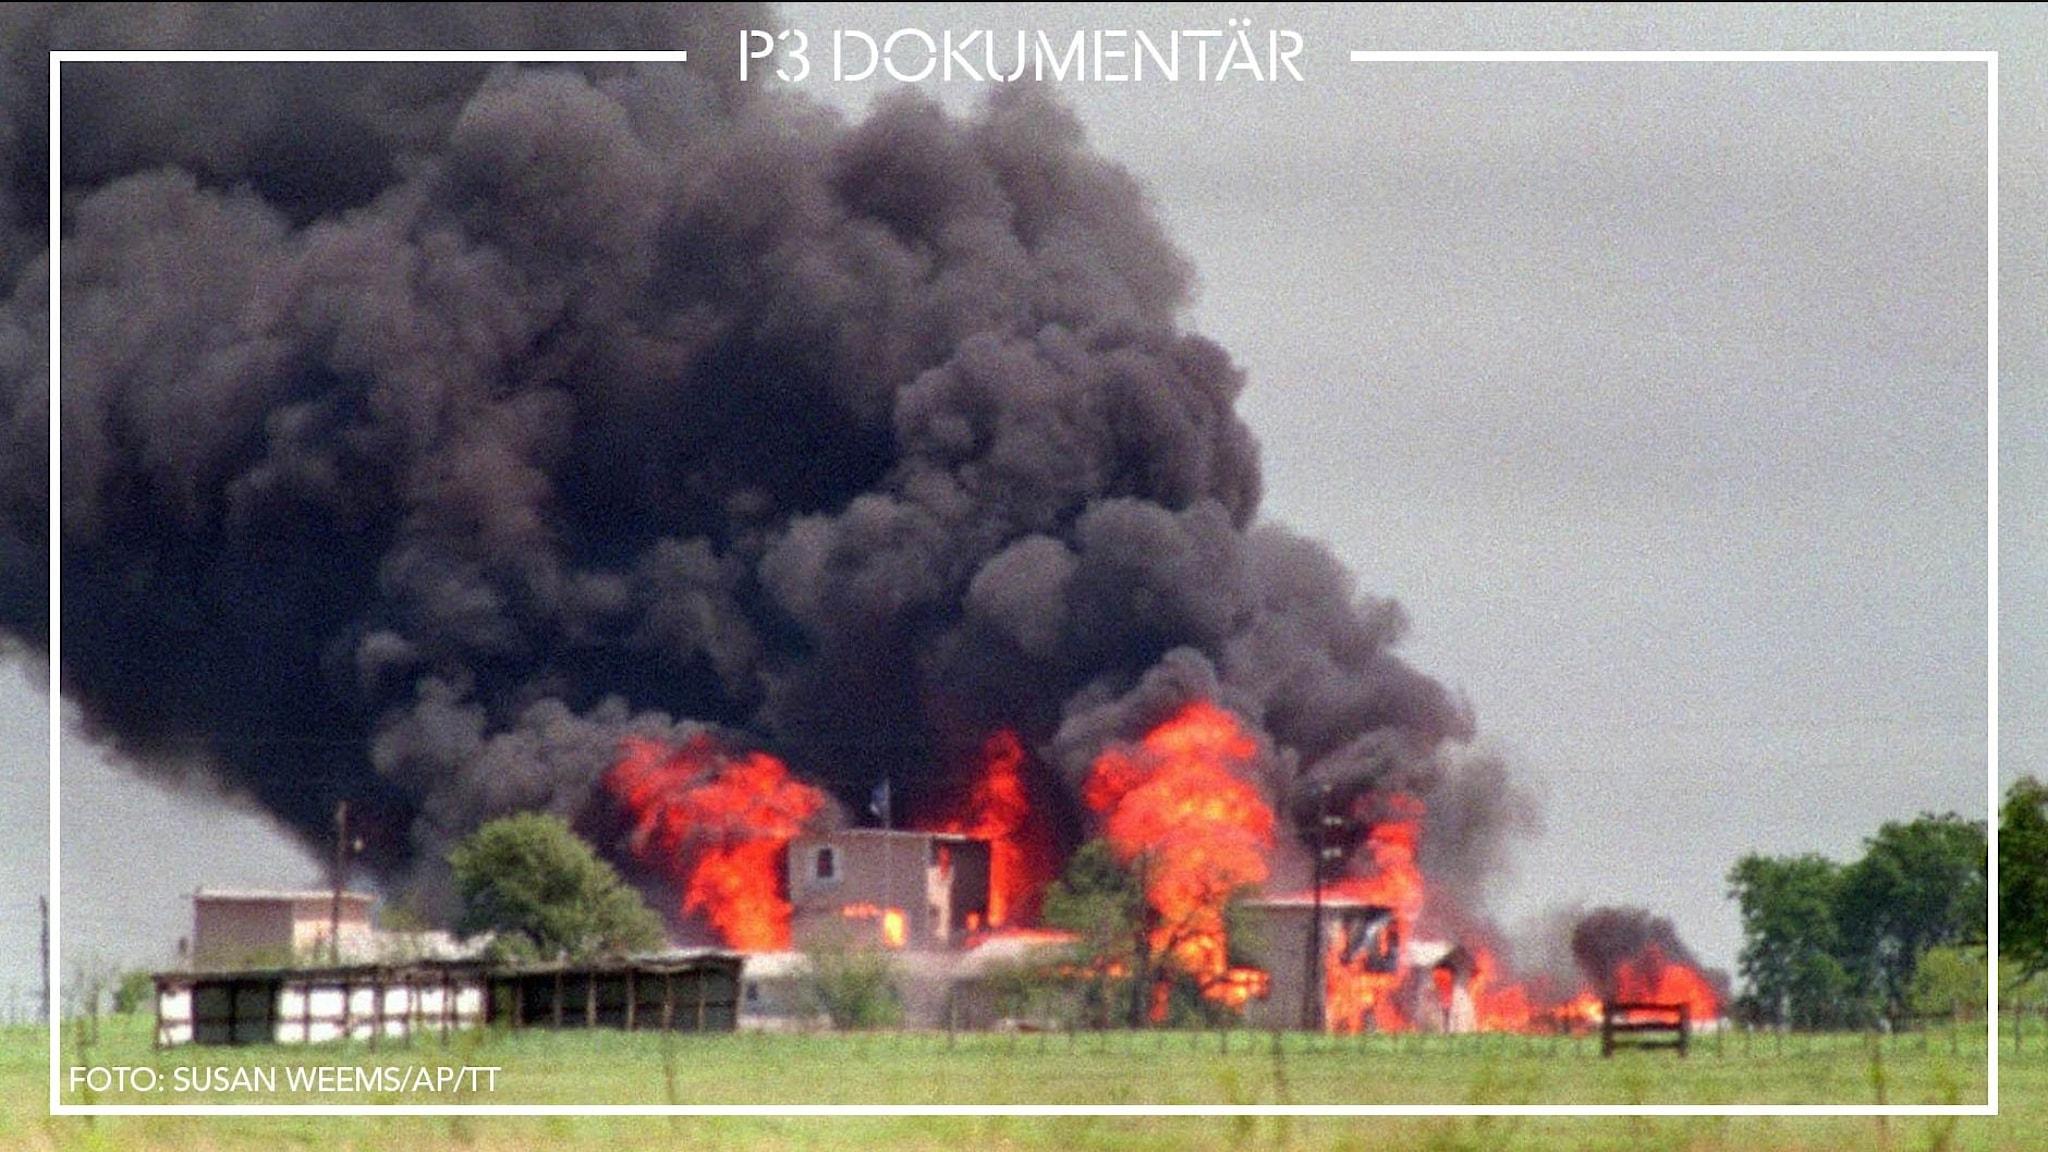 En brand i det stora komplexet Mount Carmel i Waco Texas. Stora röda lågor och mycket svart rök.